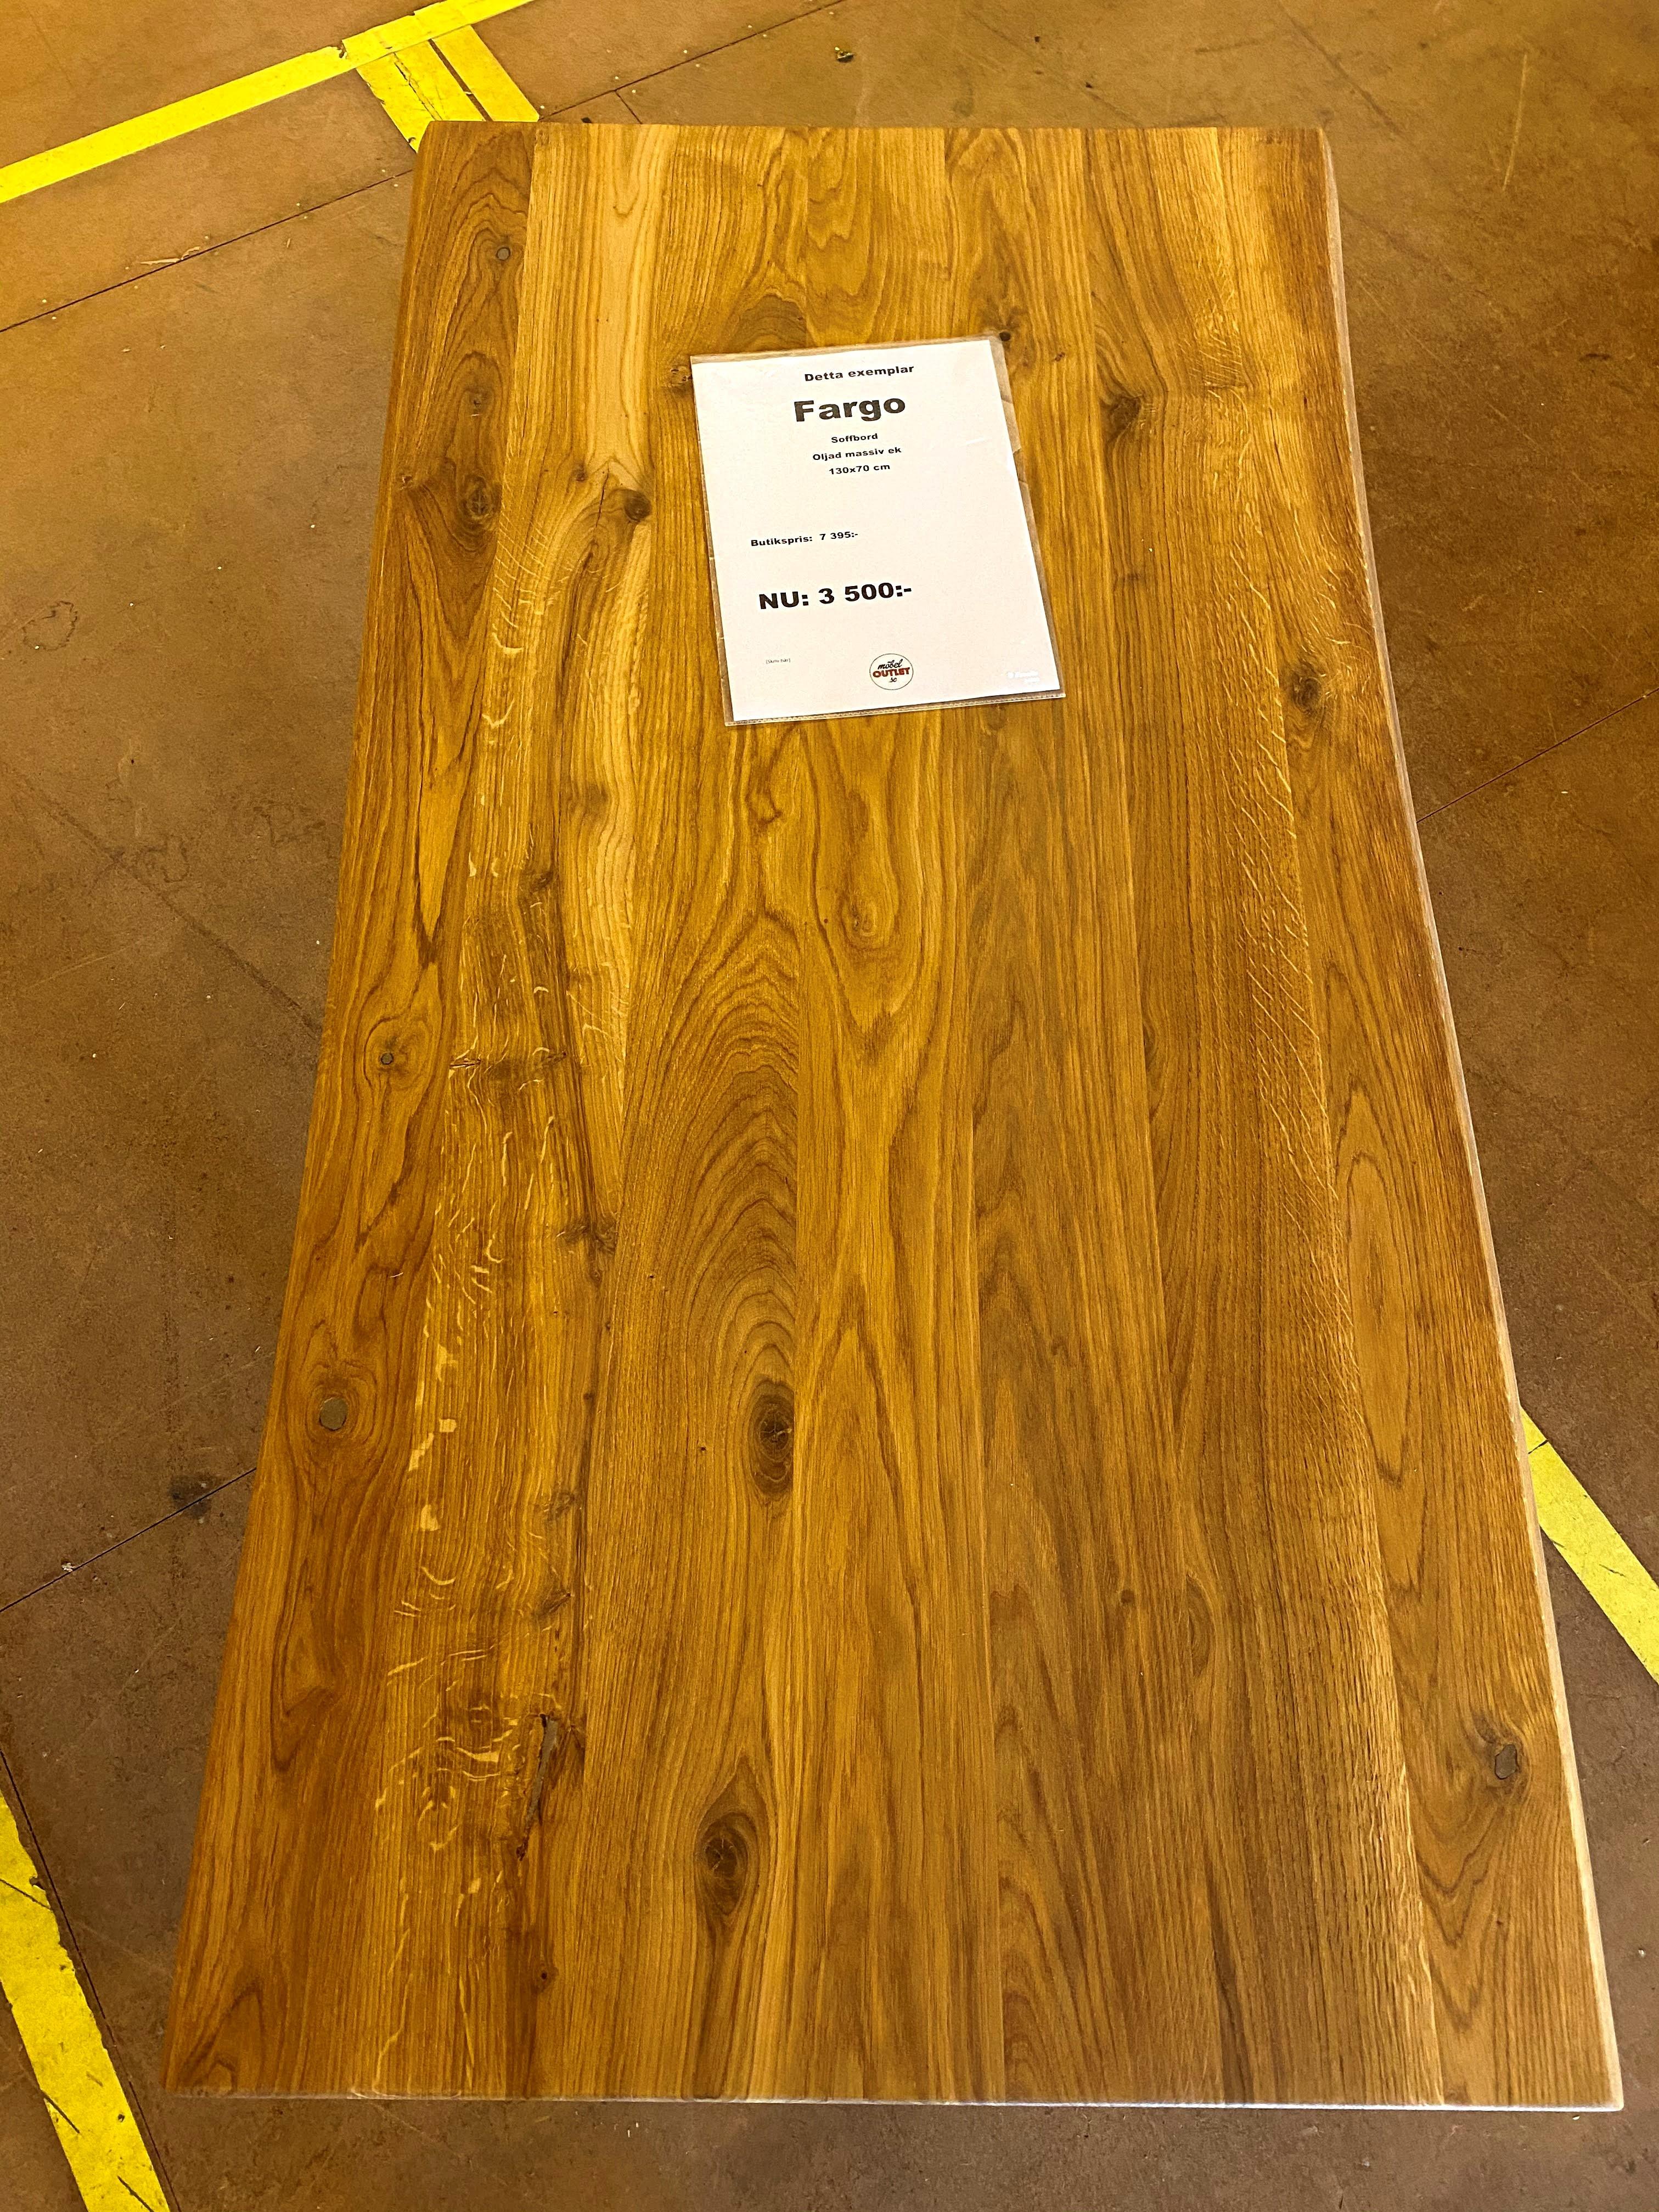 Fargo soffbord 130x70cm